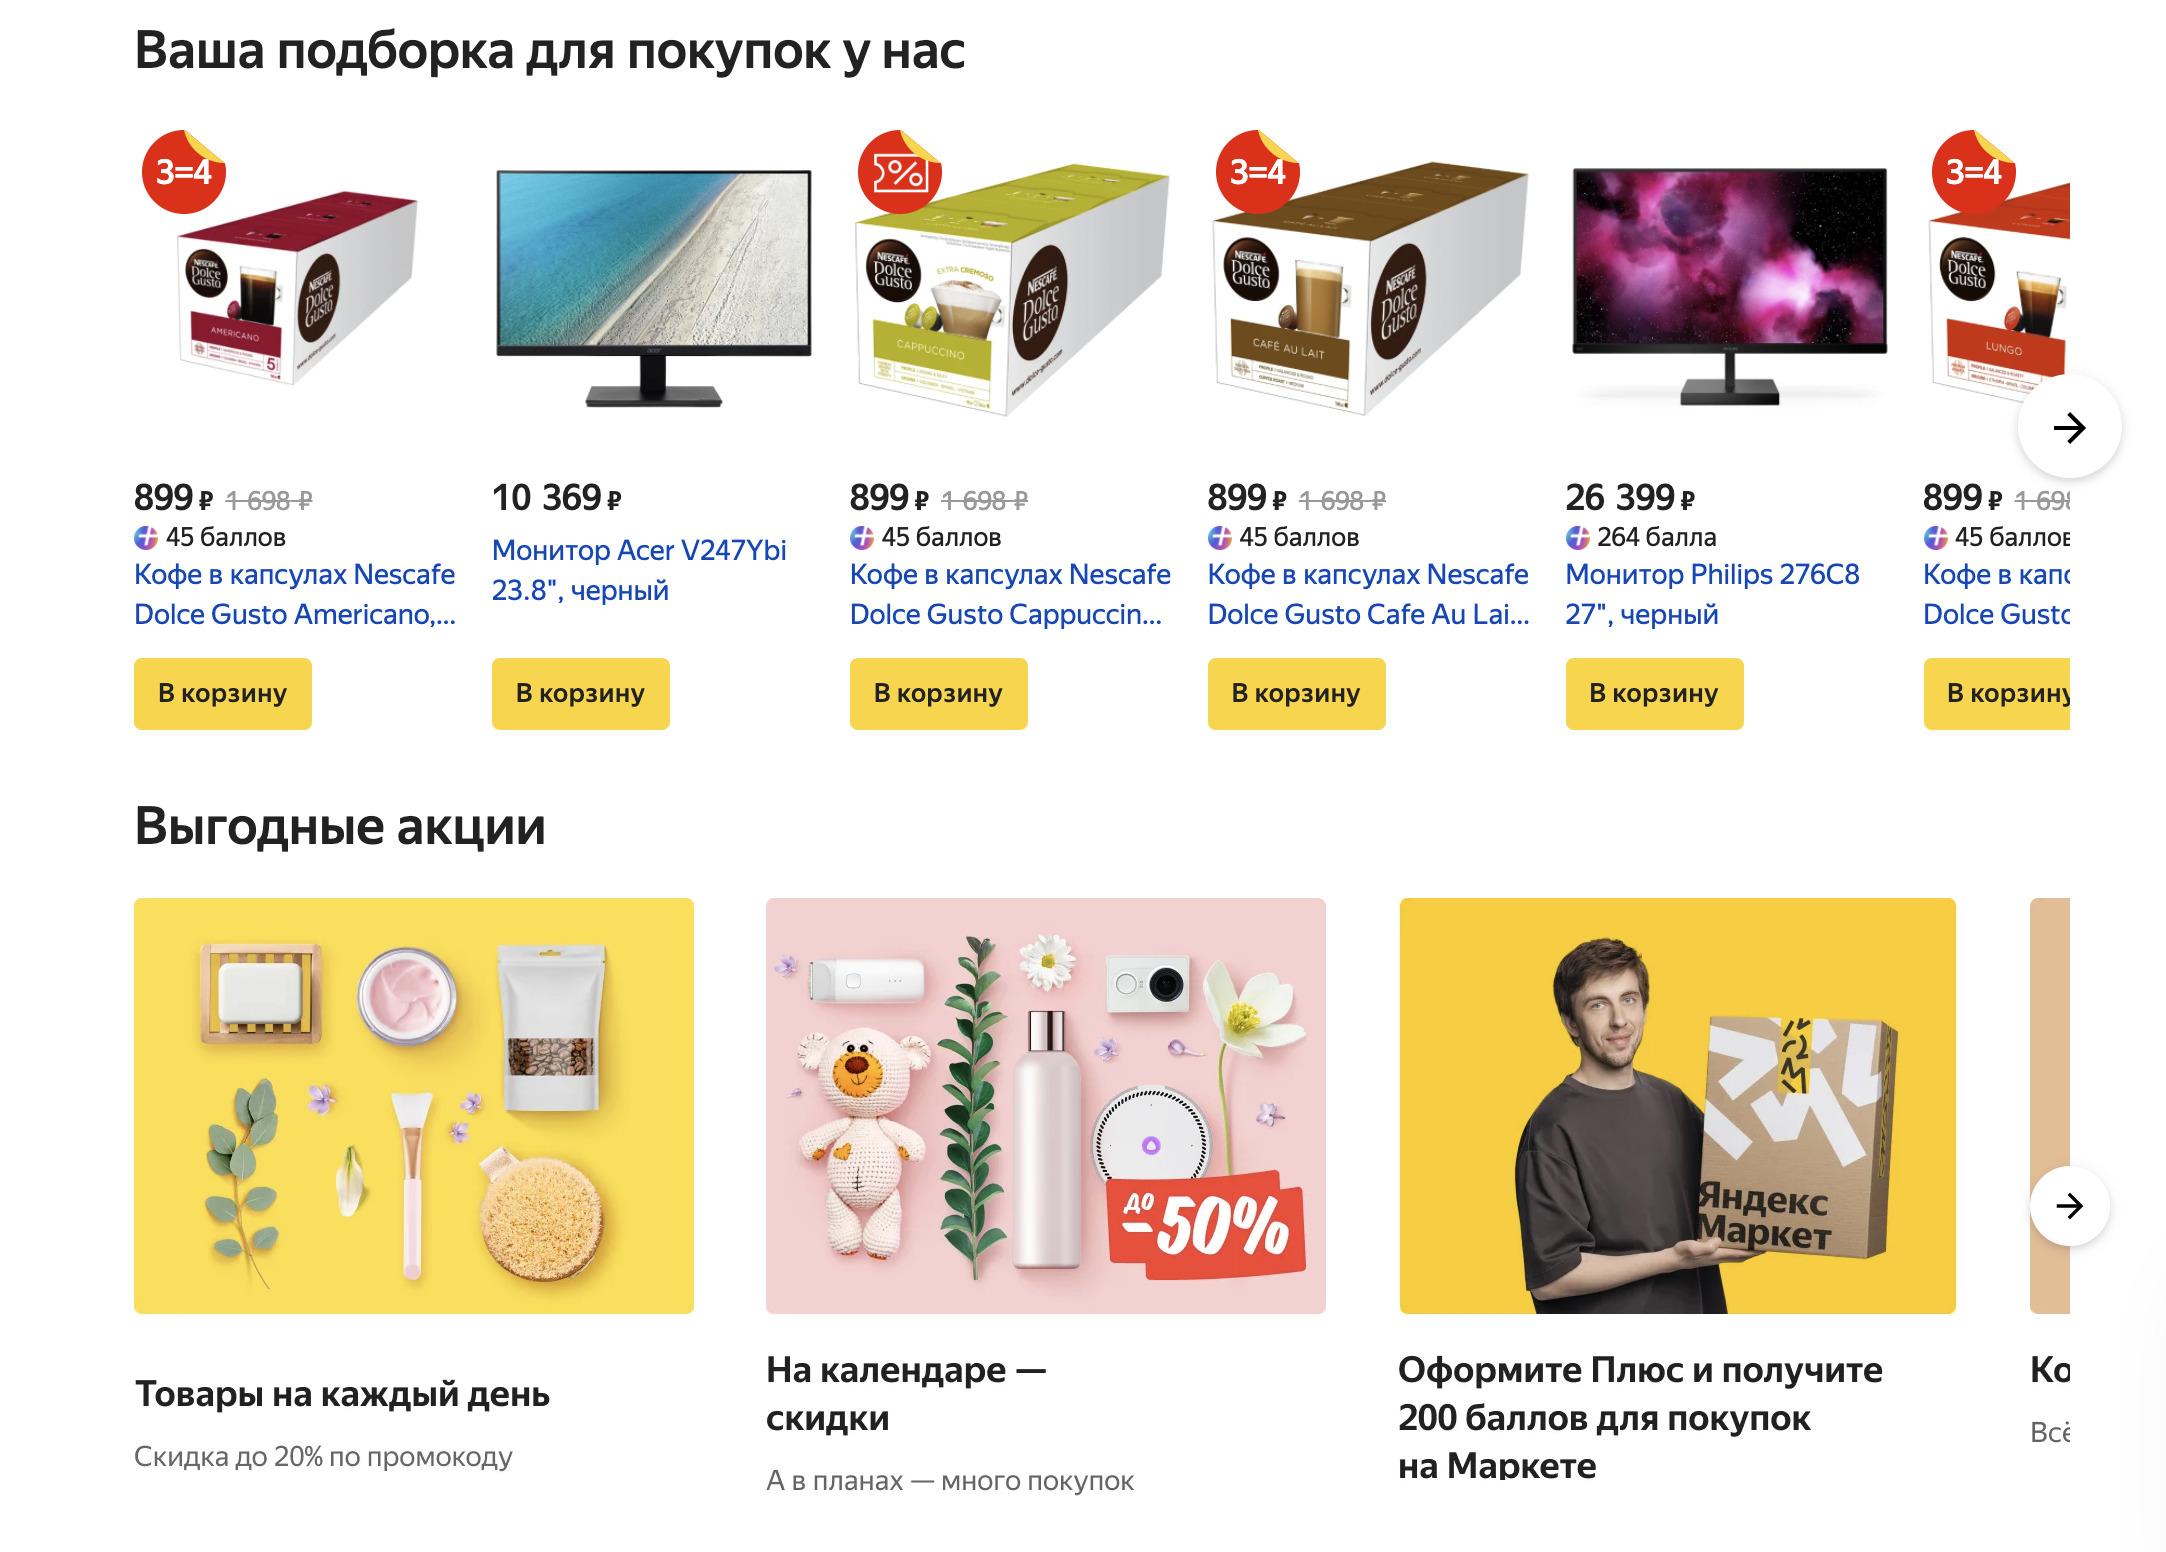 Доставка из Яндекс.Маркет в Назарово, сроки, пункты выдачи, каталог